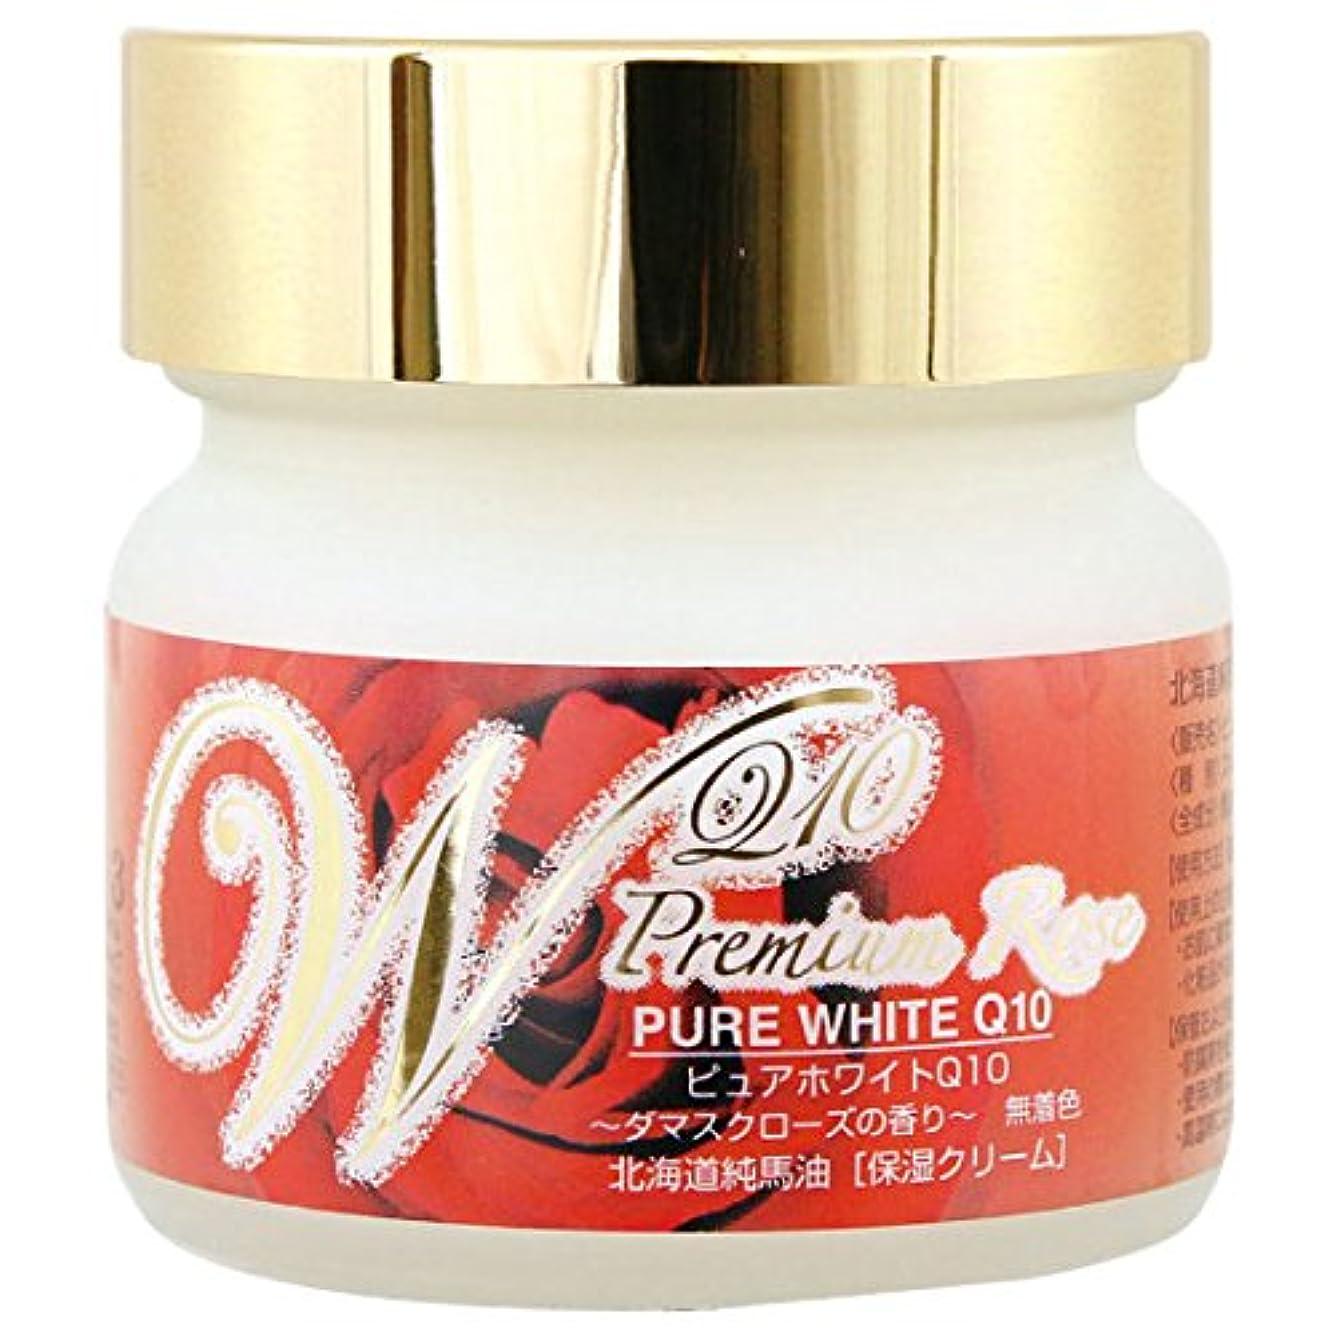 誰でもシンポジウムうま【30代からのリフトアップ化粧品】ピュアホワイトQ10プレミアムローズ 65g